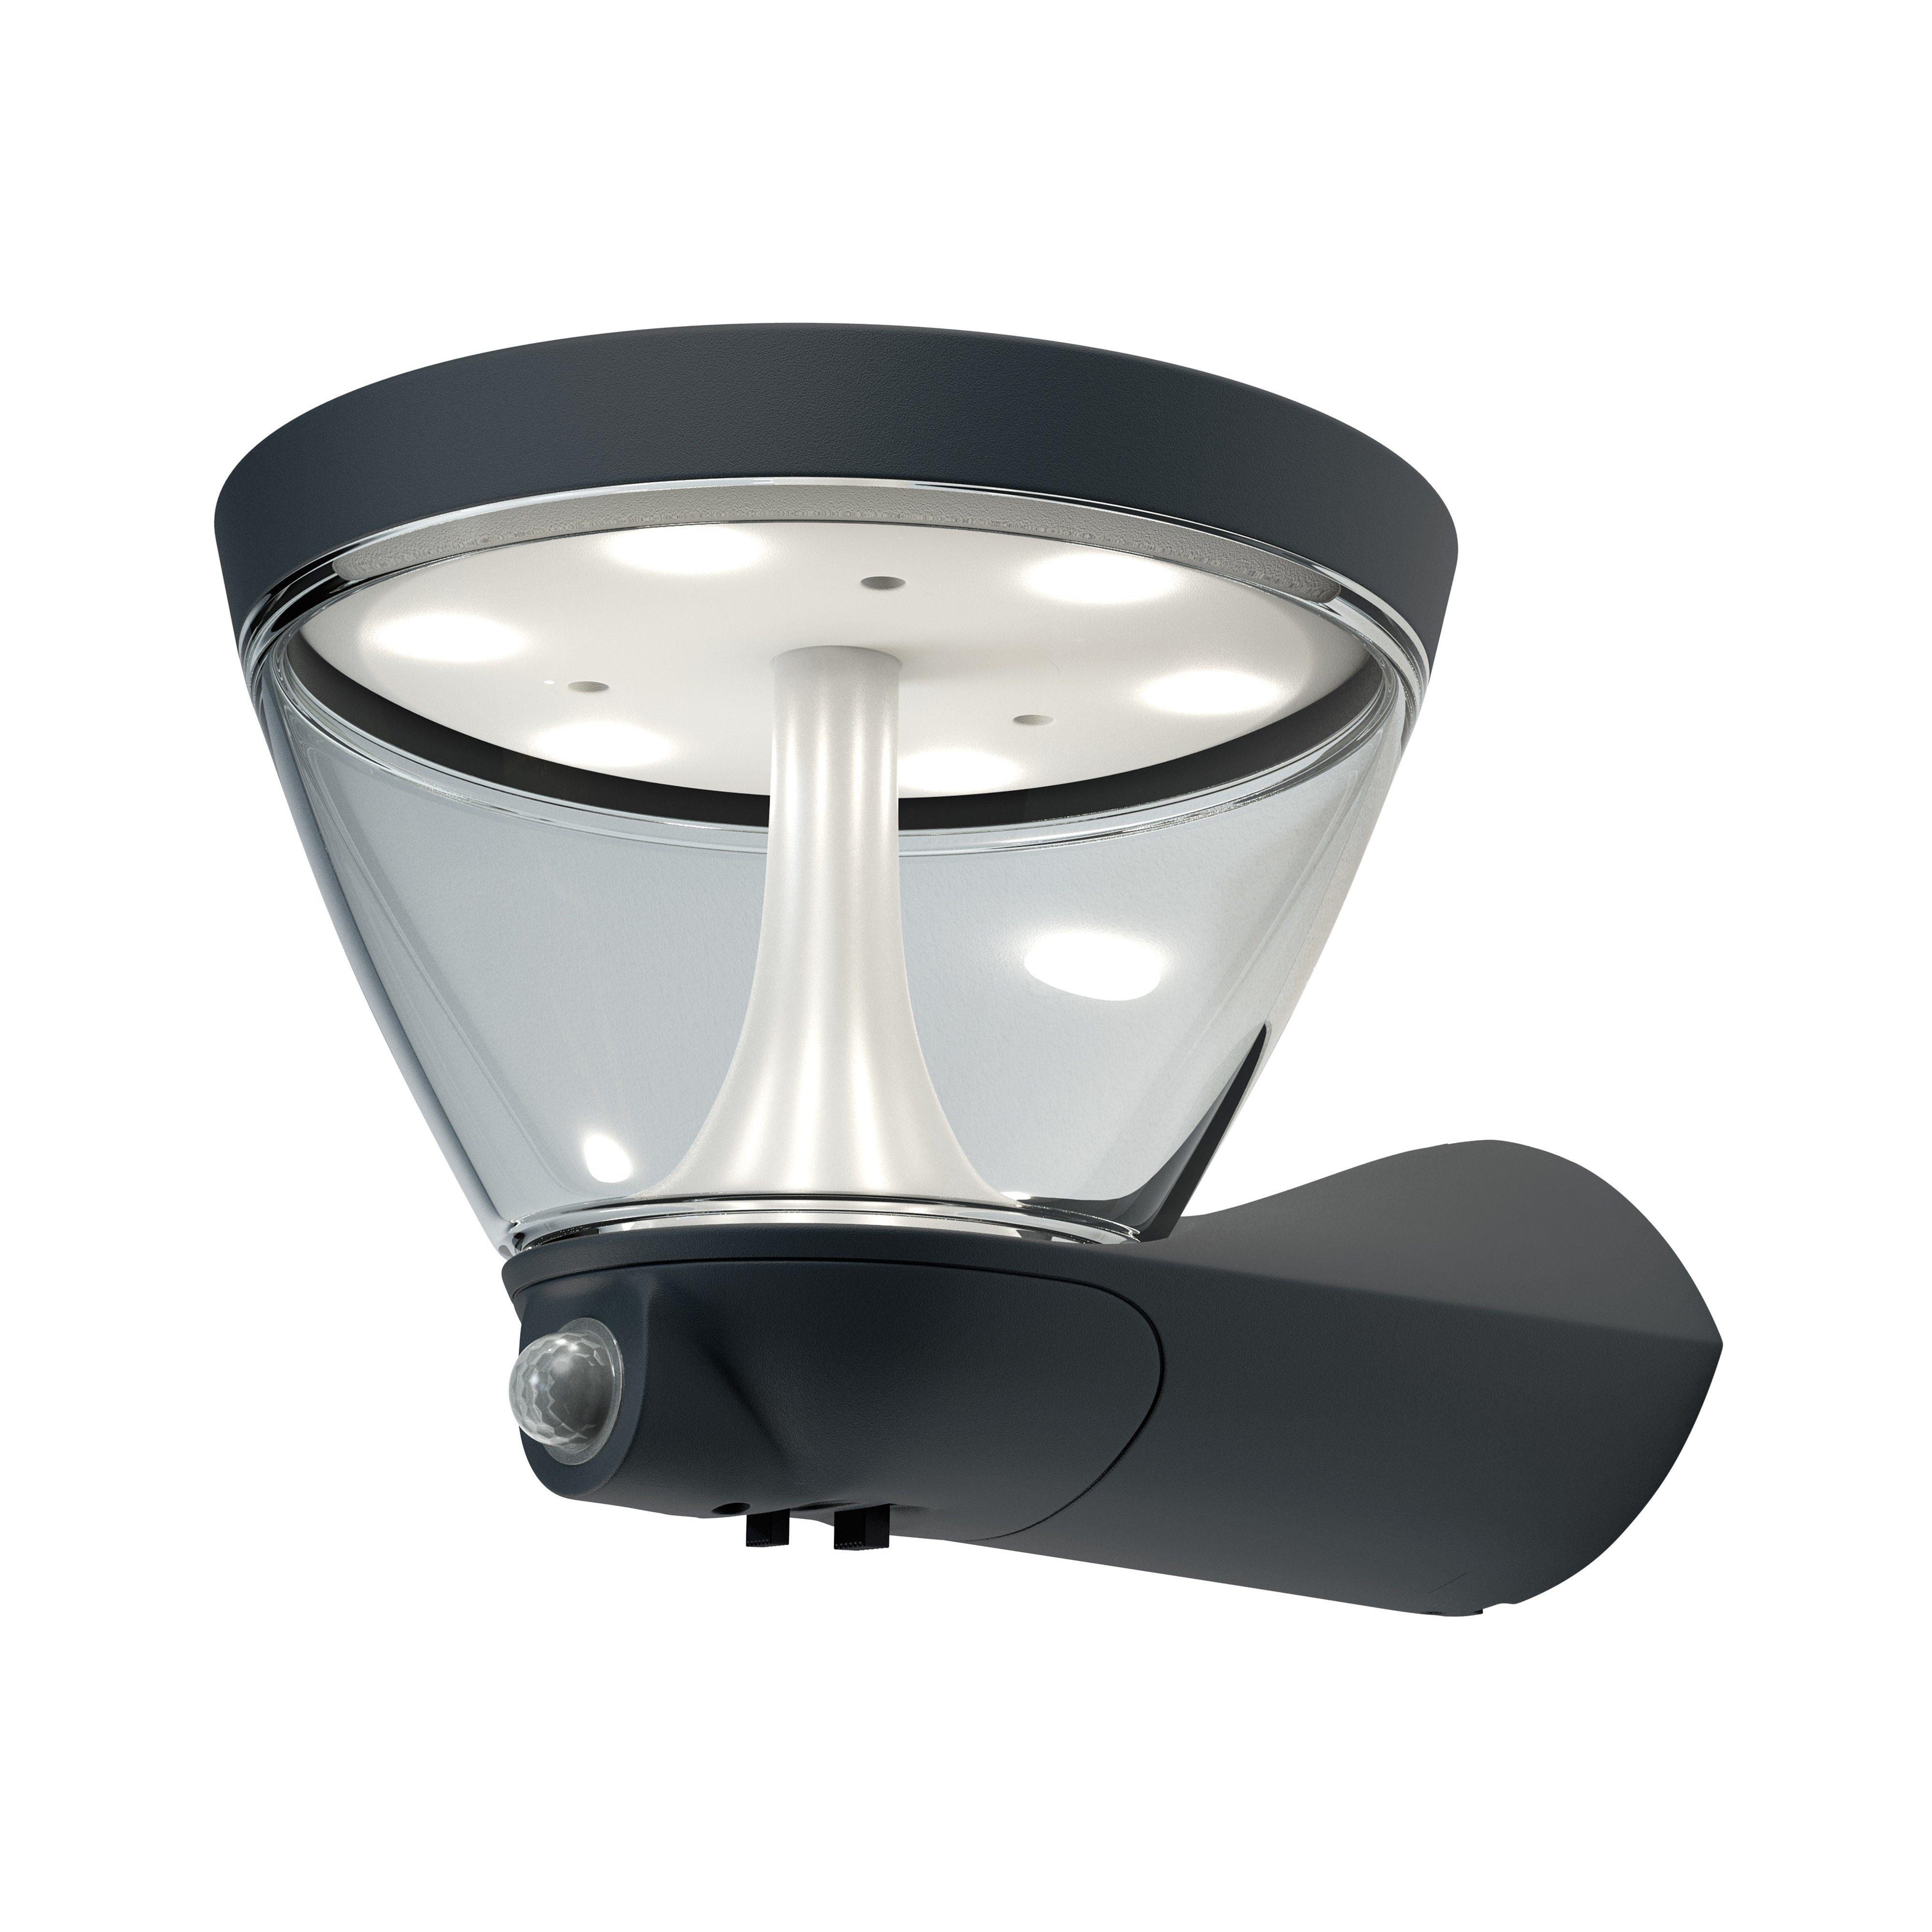 Osram LED-Wandleuchte mit integriertem Bewegungsmelder »ENDURA STYLE Lantern Solar/AC 5W«